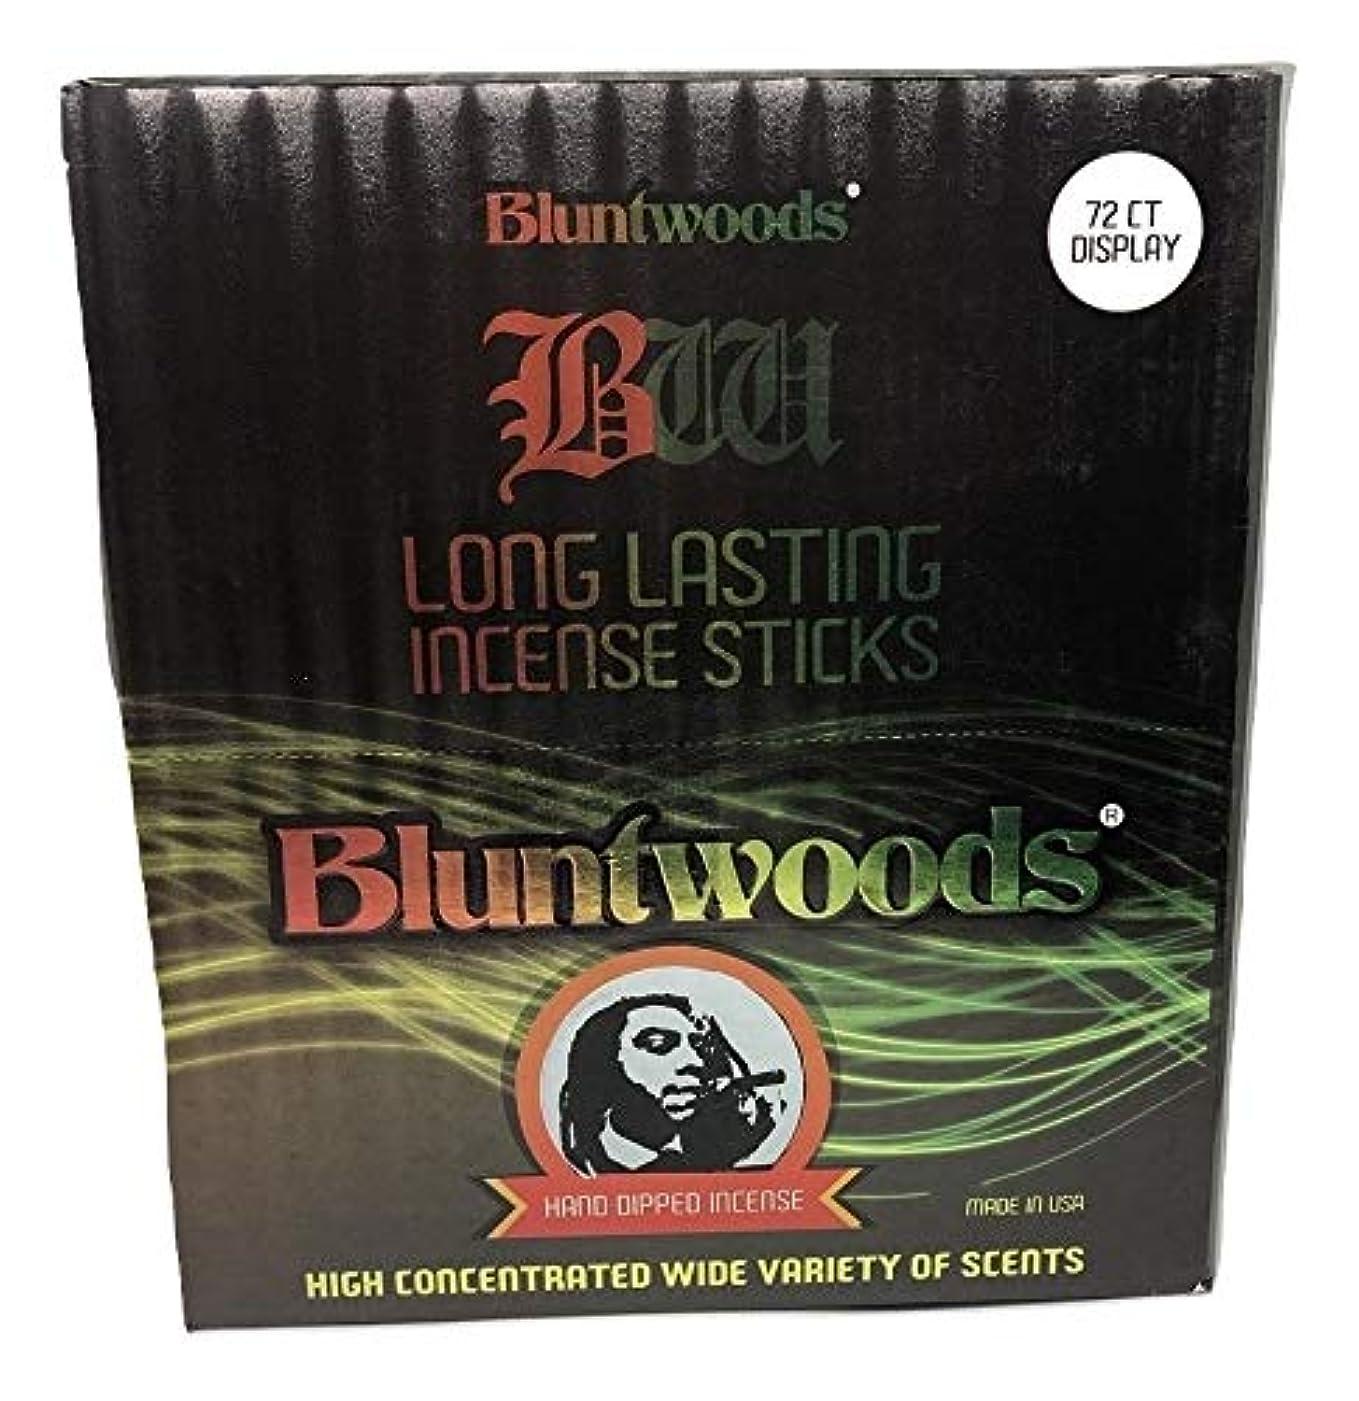 エクステント拮抗する動脈BLUNTWOODS Blunt Woods 手染め お香ディスプレイ (72カウントアスト) 合計864 お香スティック